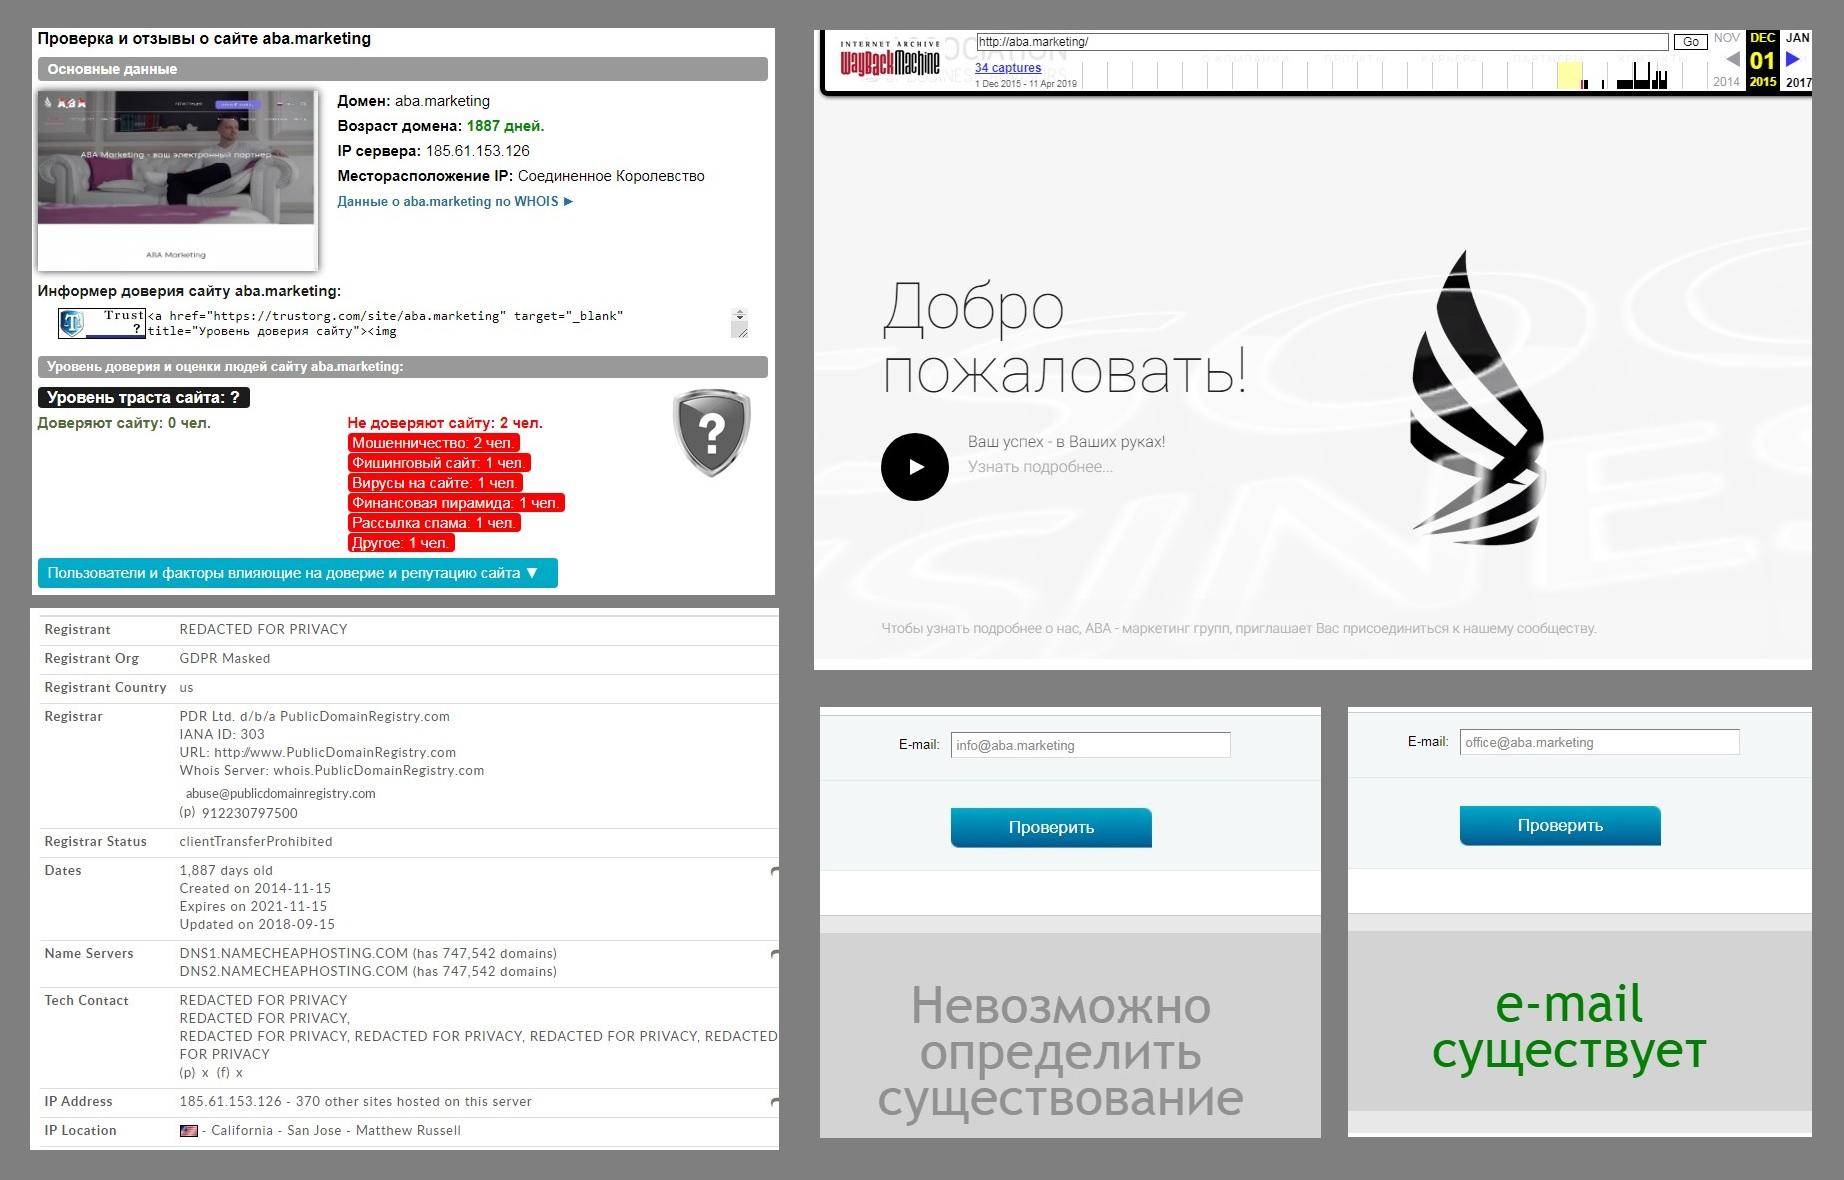 Проверка домена и e-mail